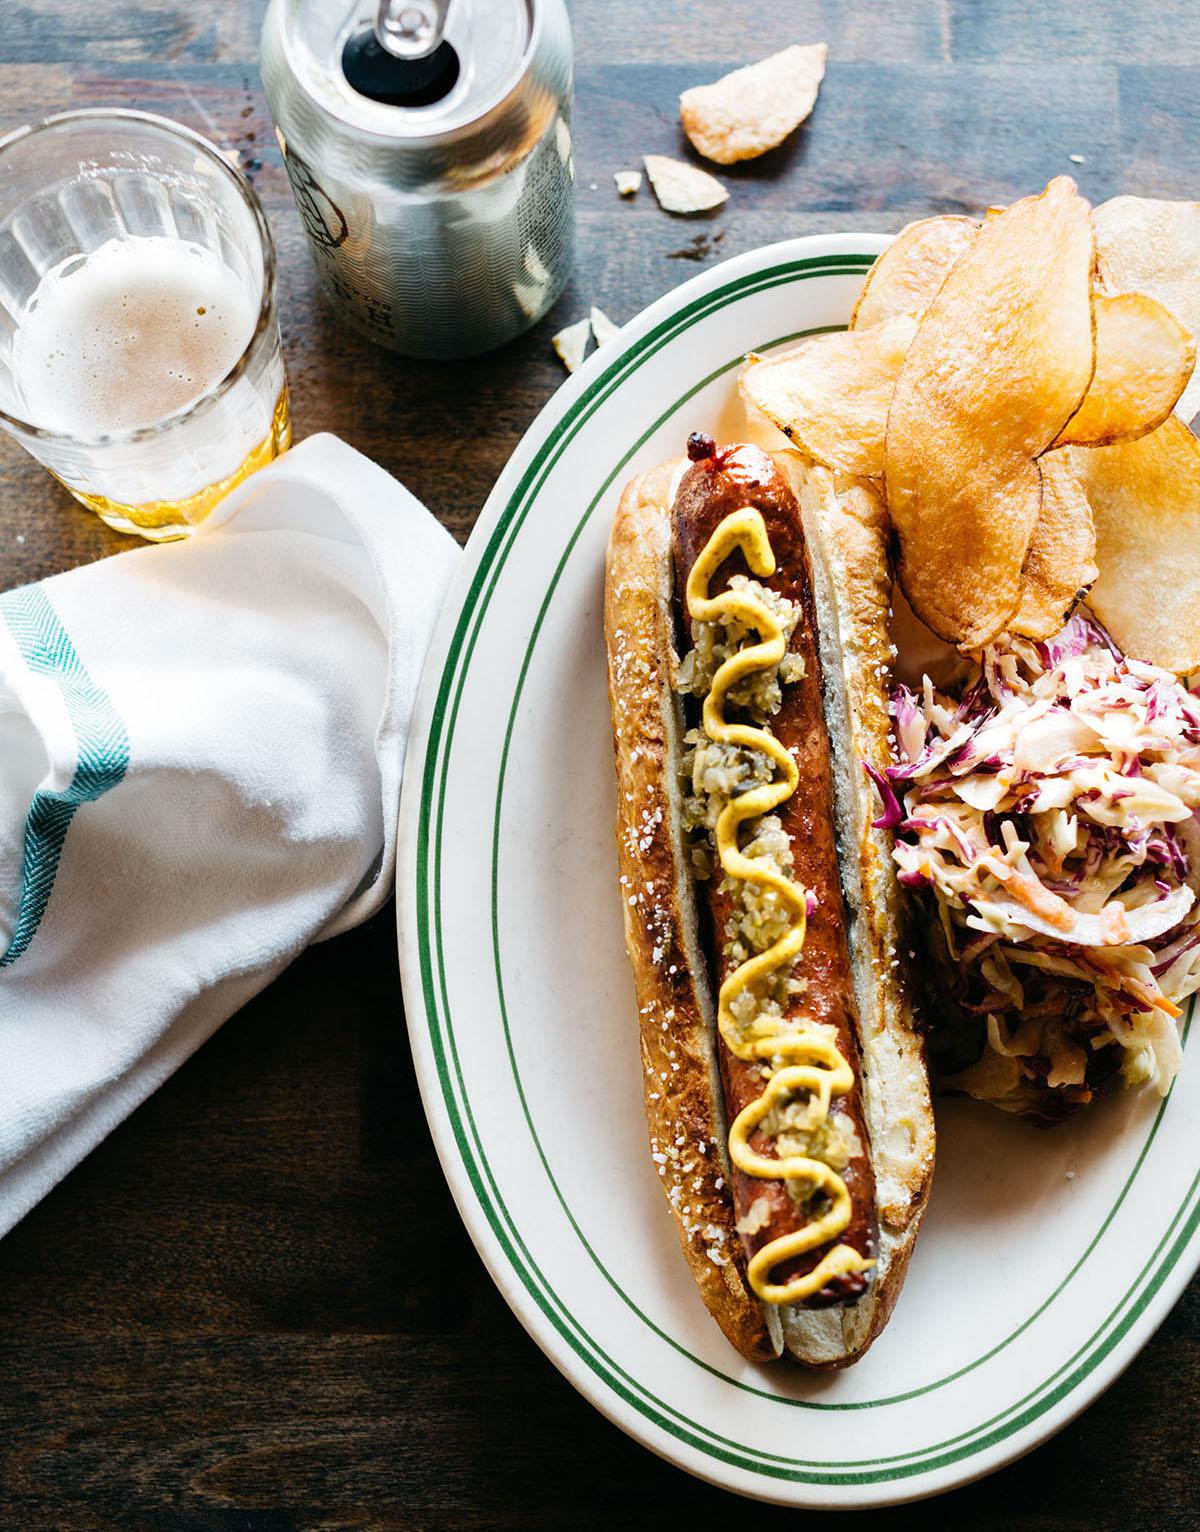 Kirkland Tap & Trotter hot dog